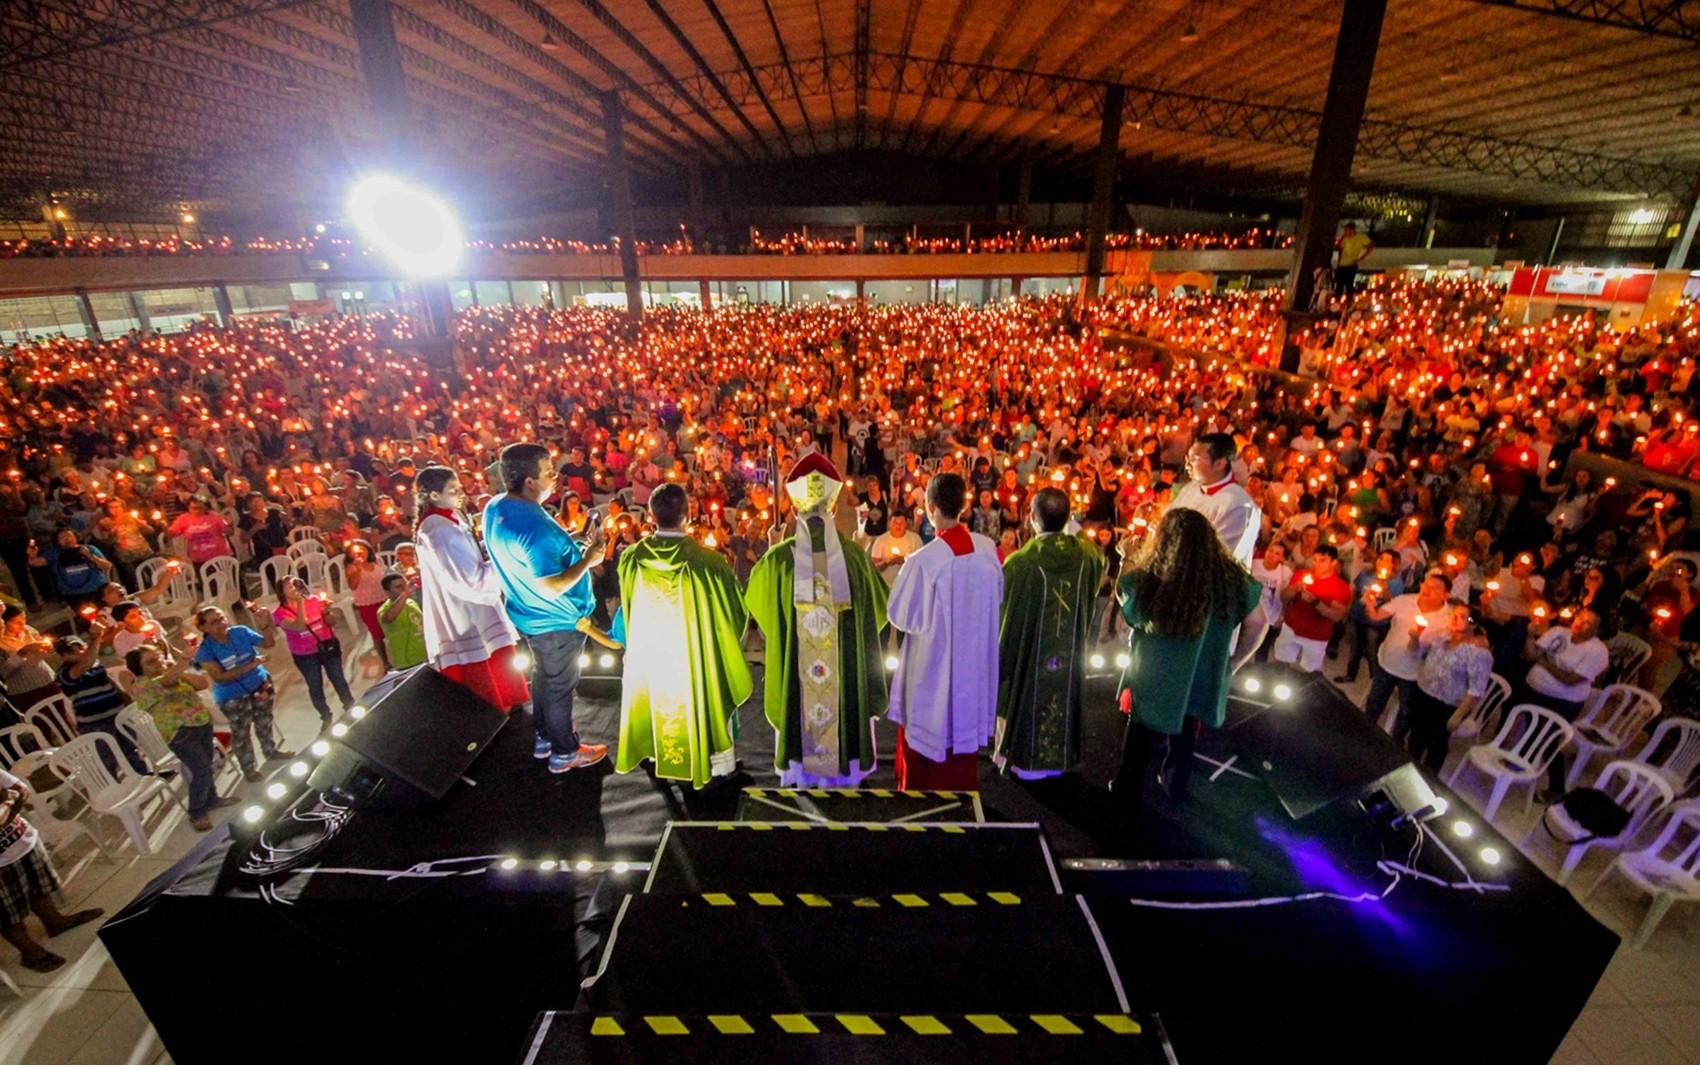 Confira a programação dos eventos religiosos nesta segunda-feira em Campina Grande